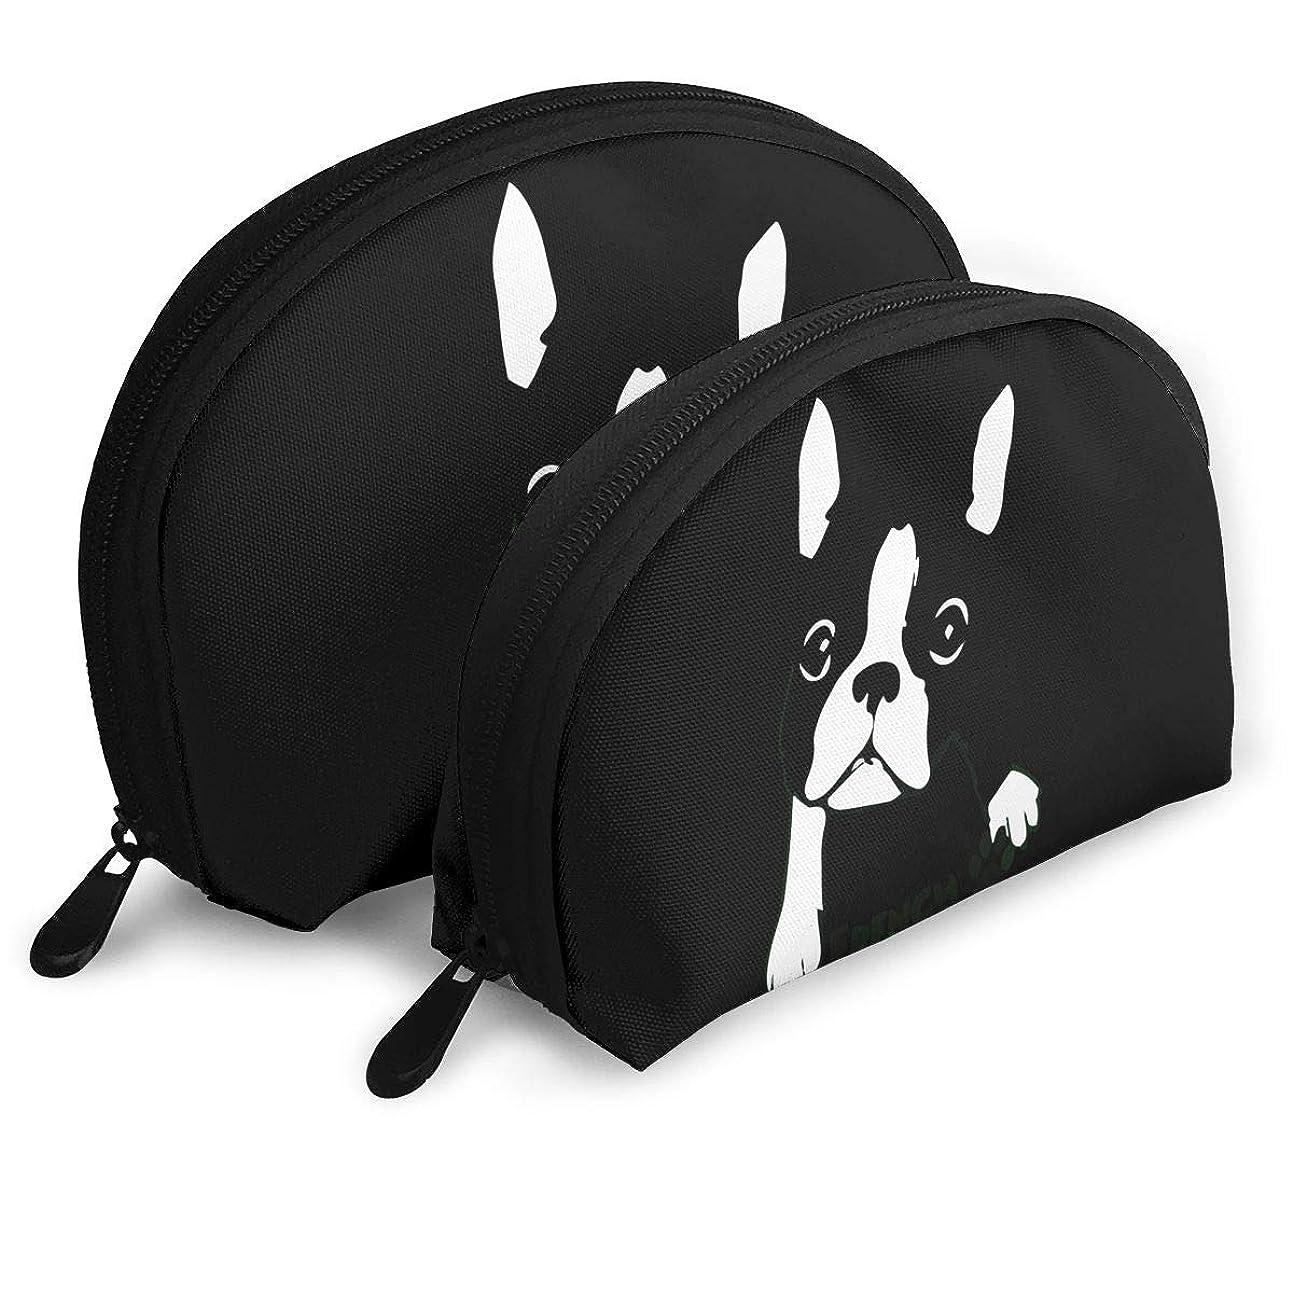 簡単な値必要性French Bulldog ブルドッグ 化粧ポーチ ツインセット 貝殻型 化粧袋 小物収納 軽量 旅行出張用 メイクポーチ ニューモード おしゃれ 親子ポーチ レディース